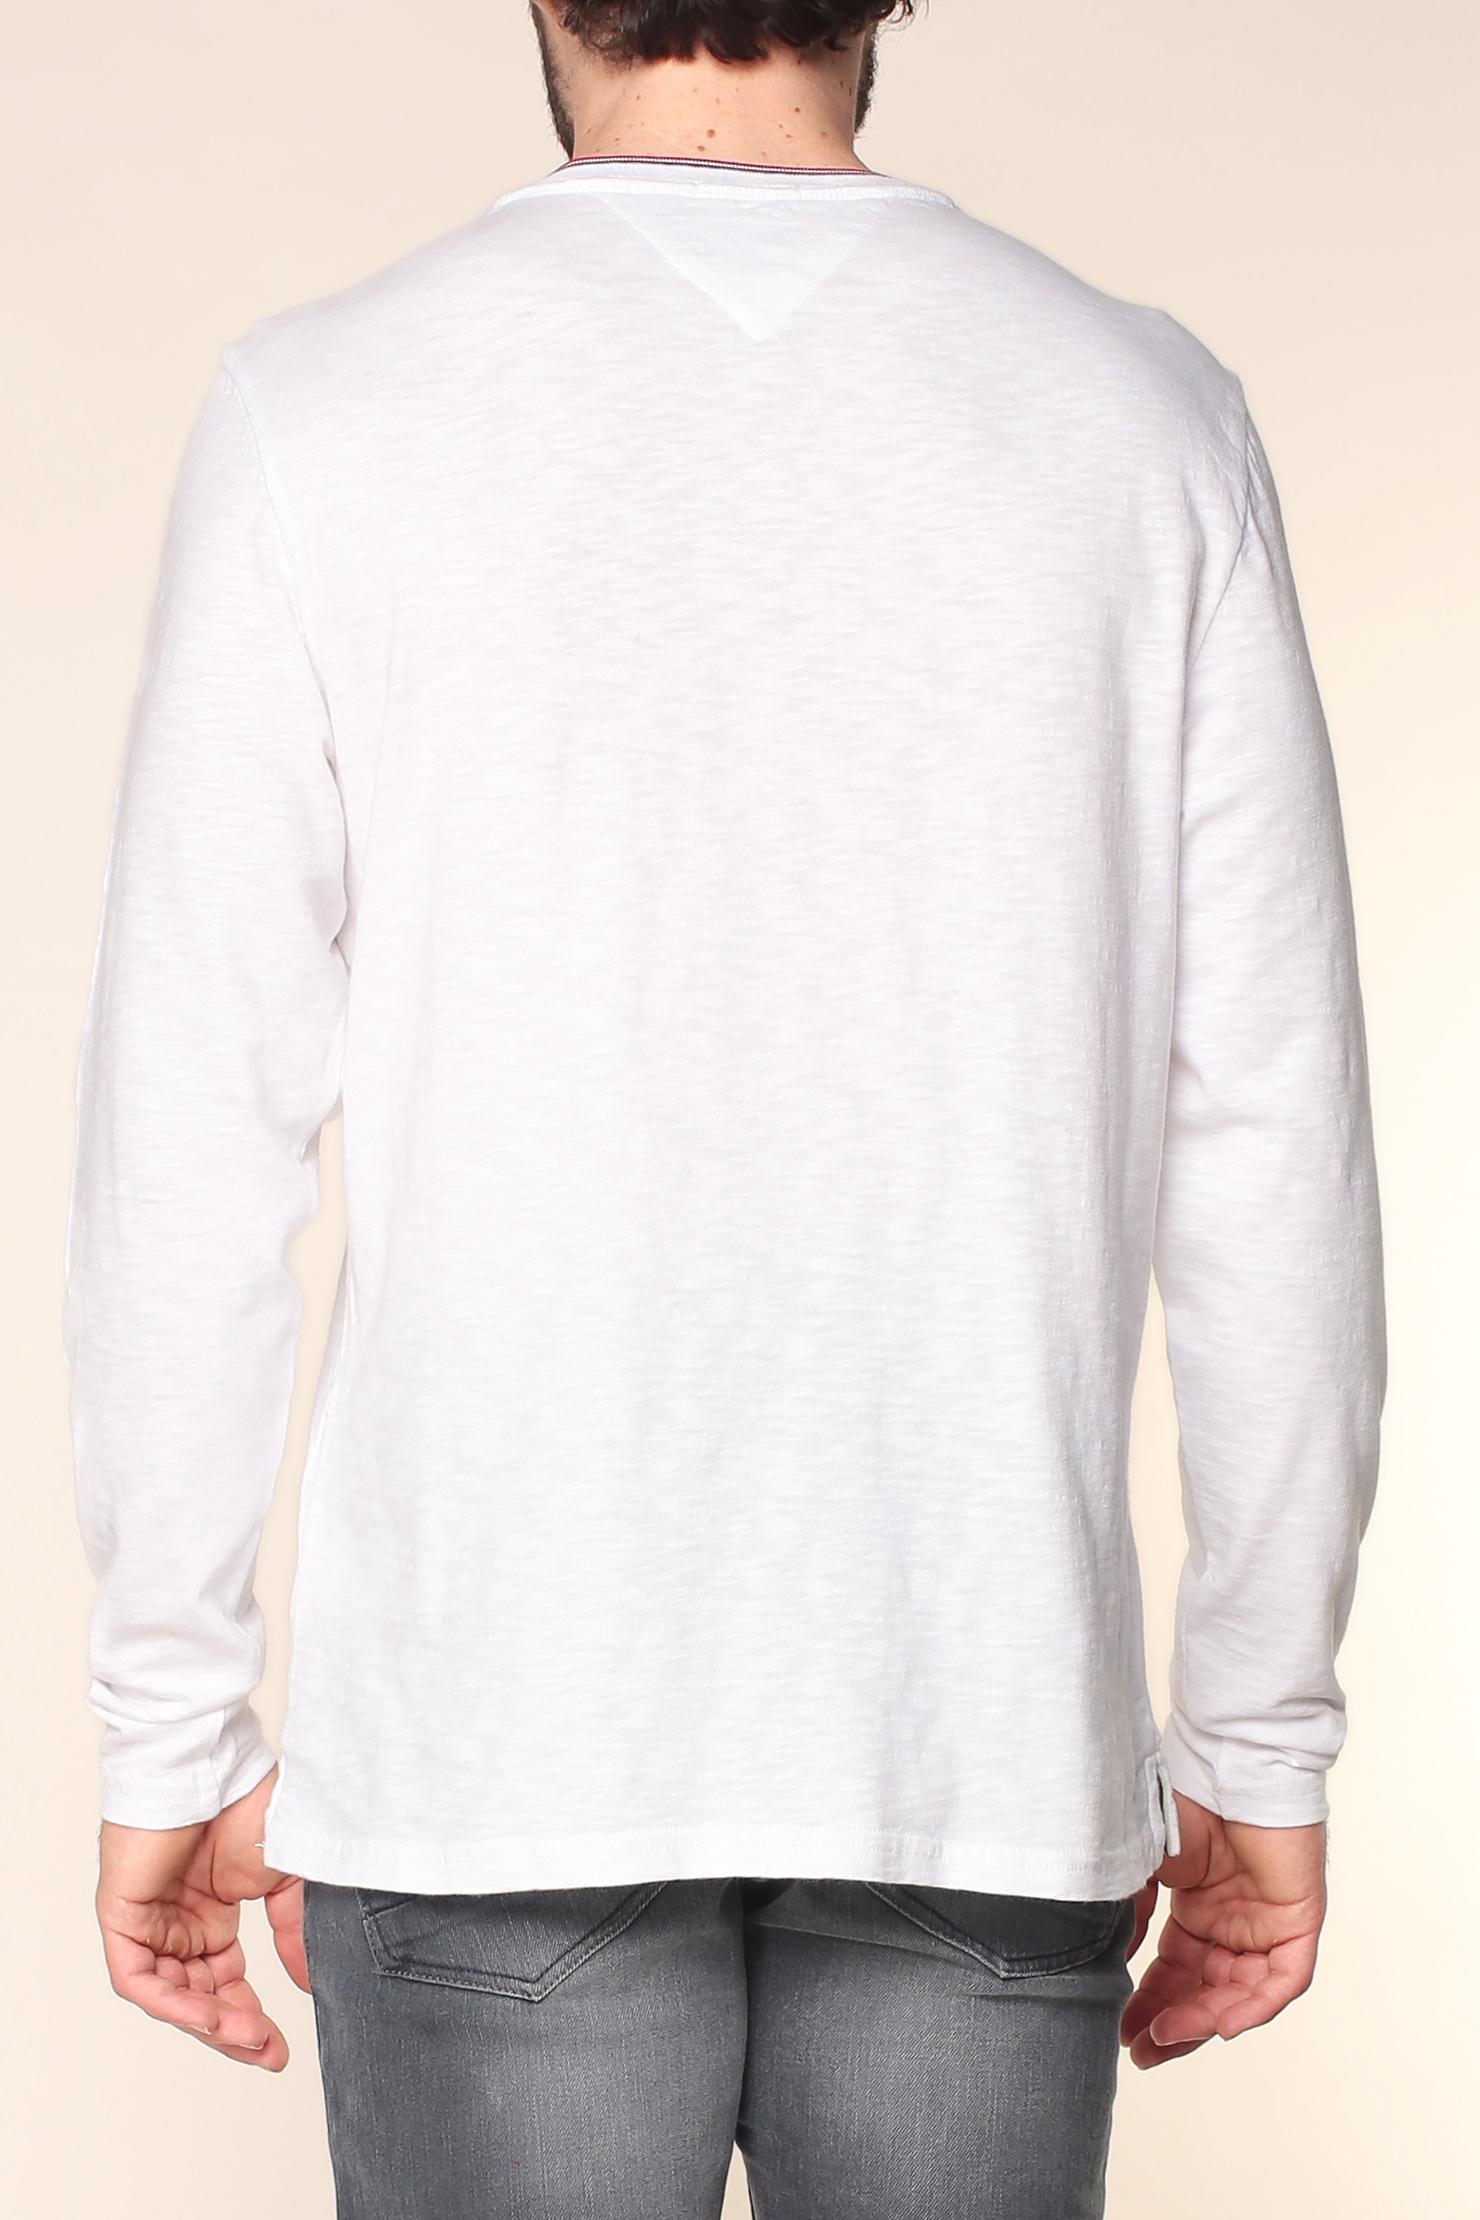 hilfiger denim long sleeve t shirt in white for men lyst. Black Bedroom Furniture Sets. Home Design Ideas